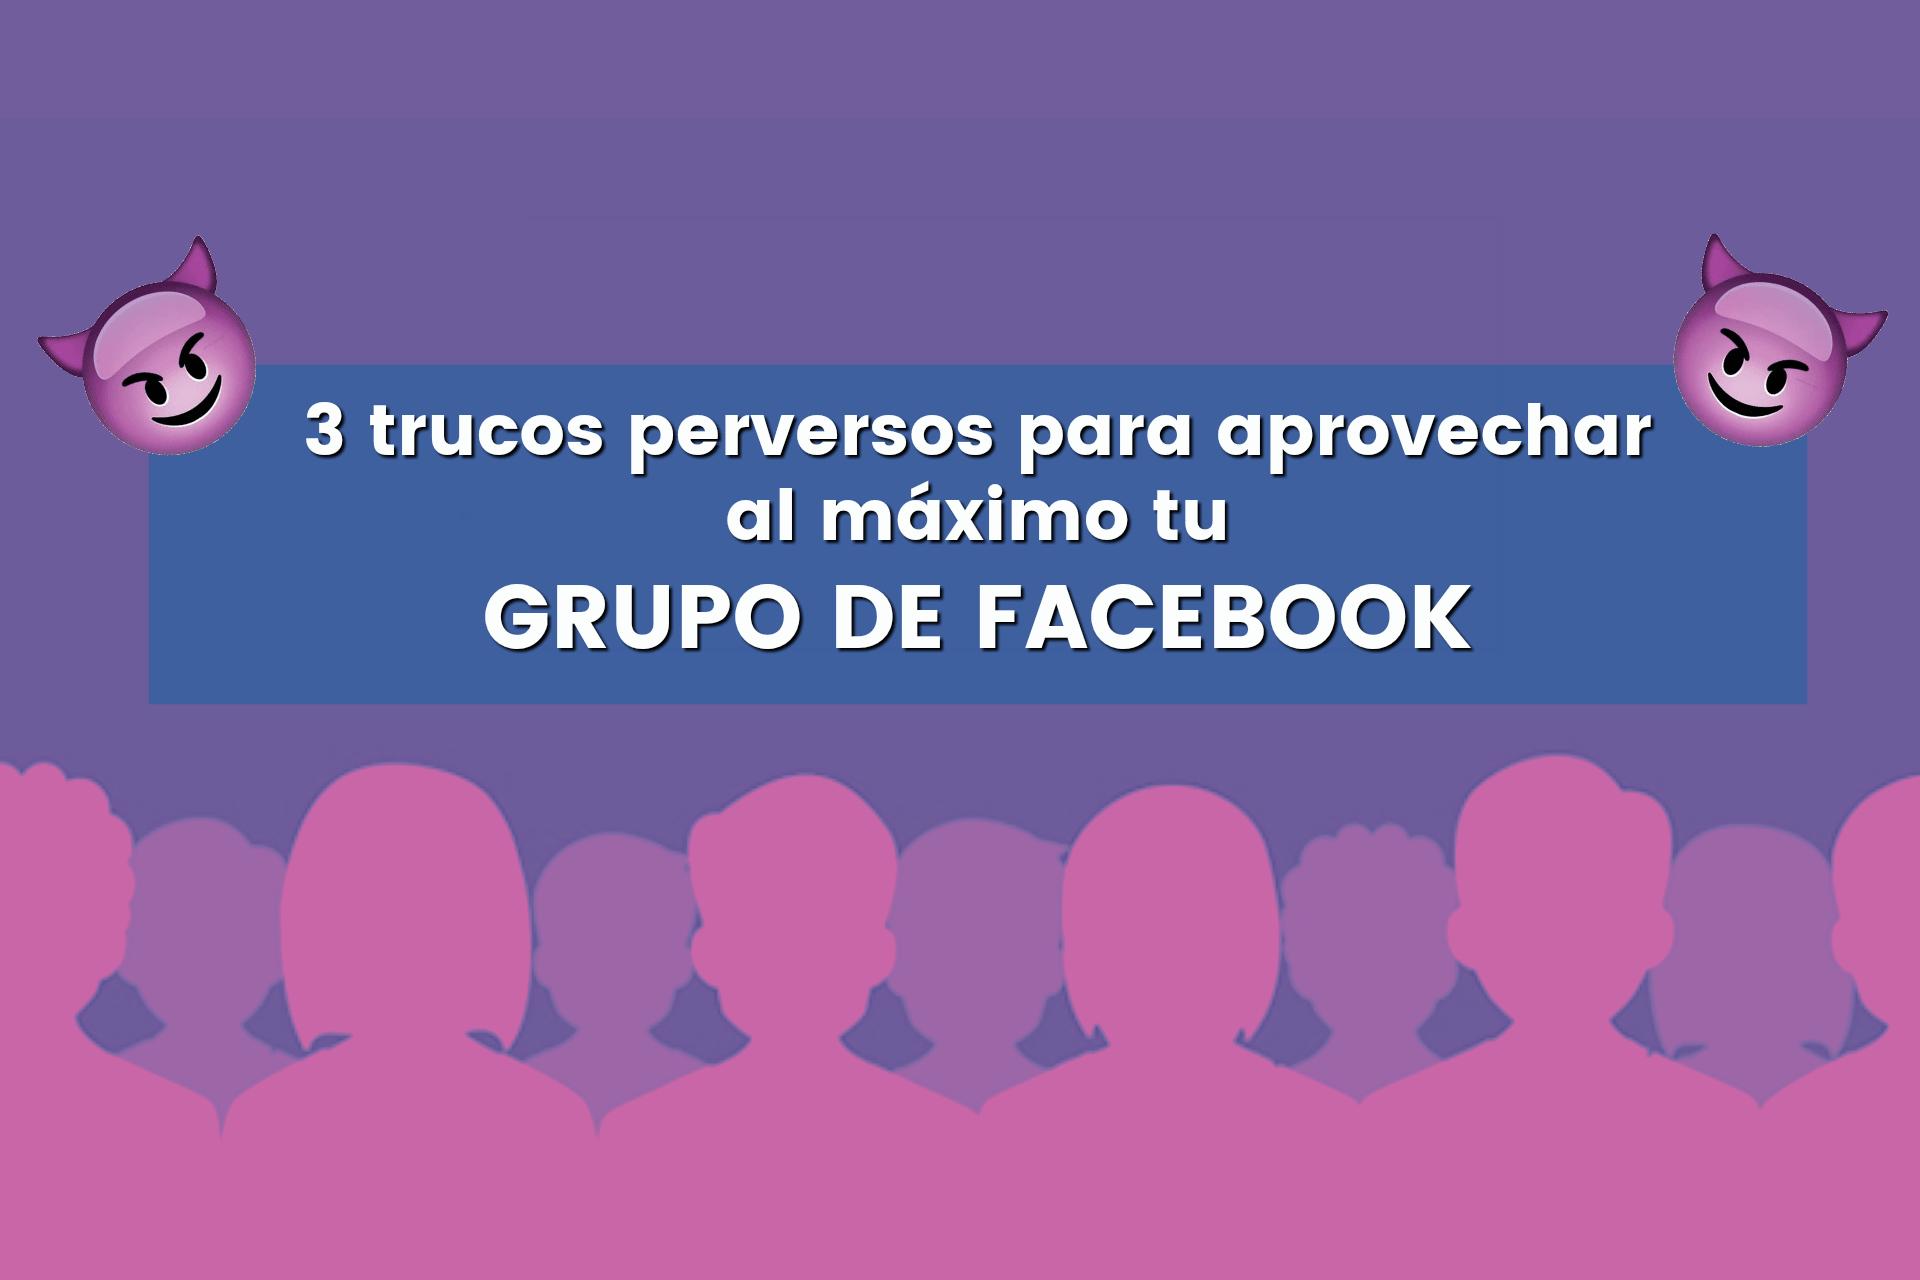 3 trucos perversos para aprovechar al máximo tu grupo de Facebook